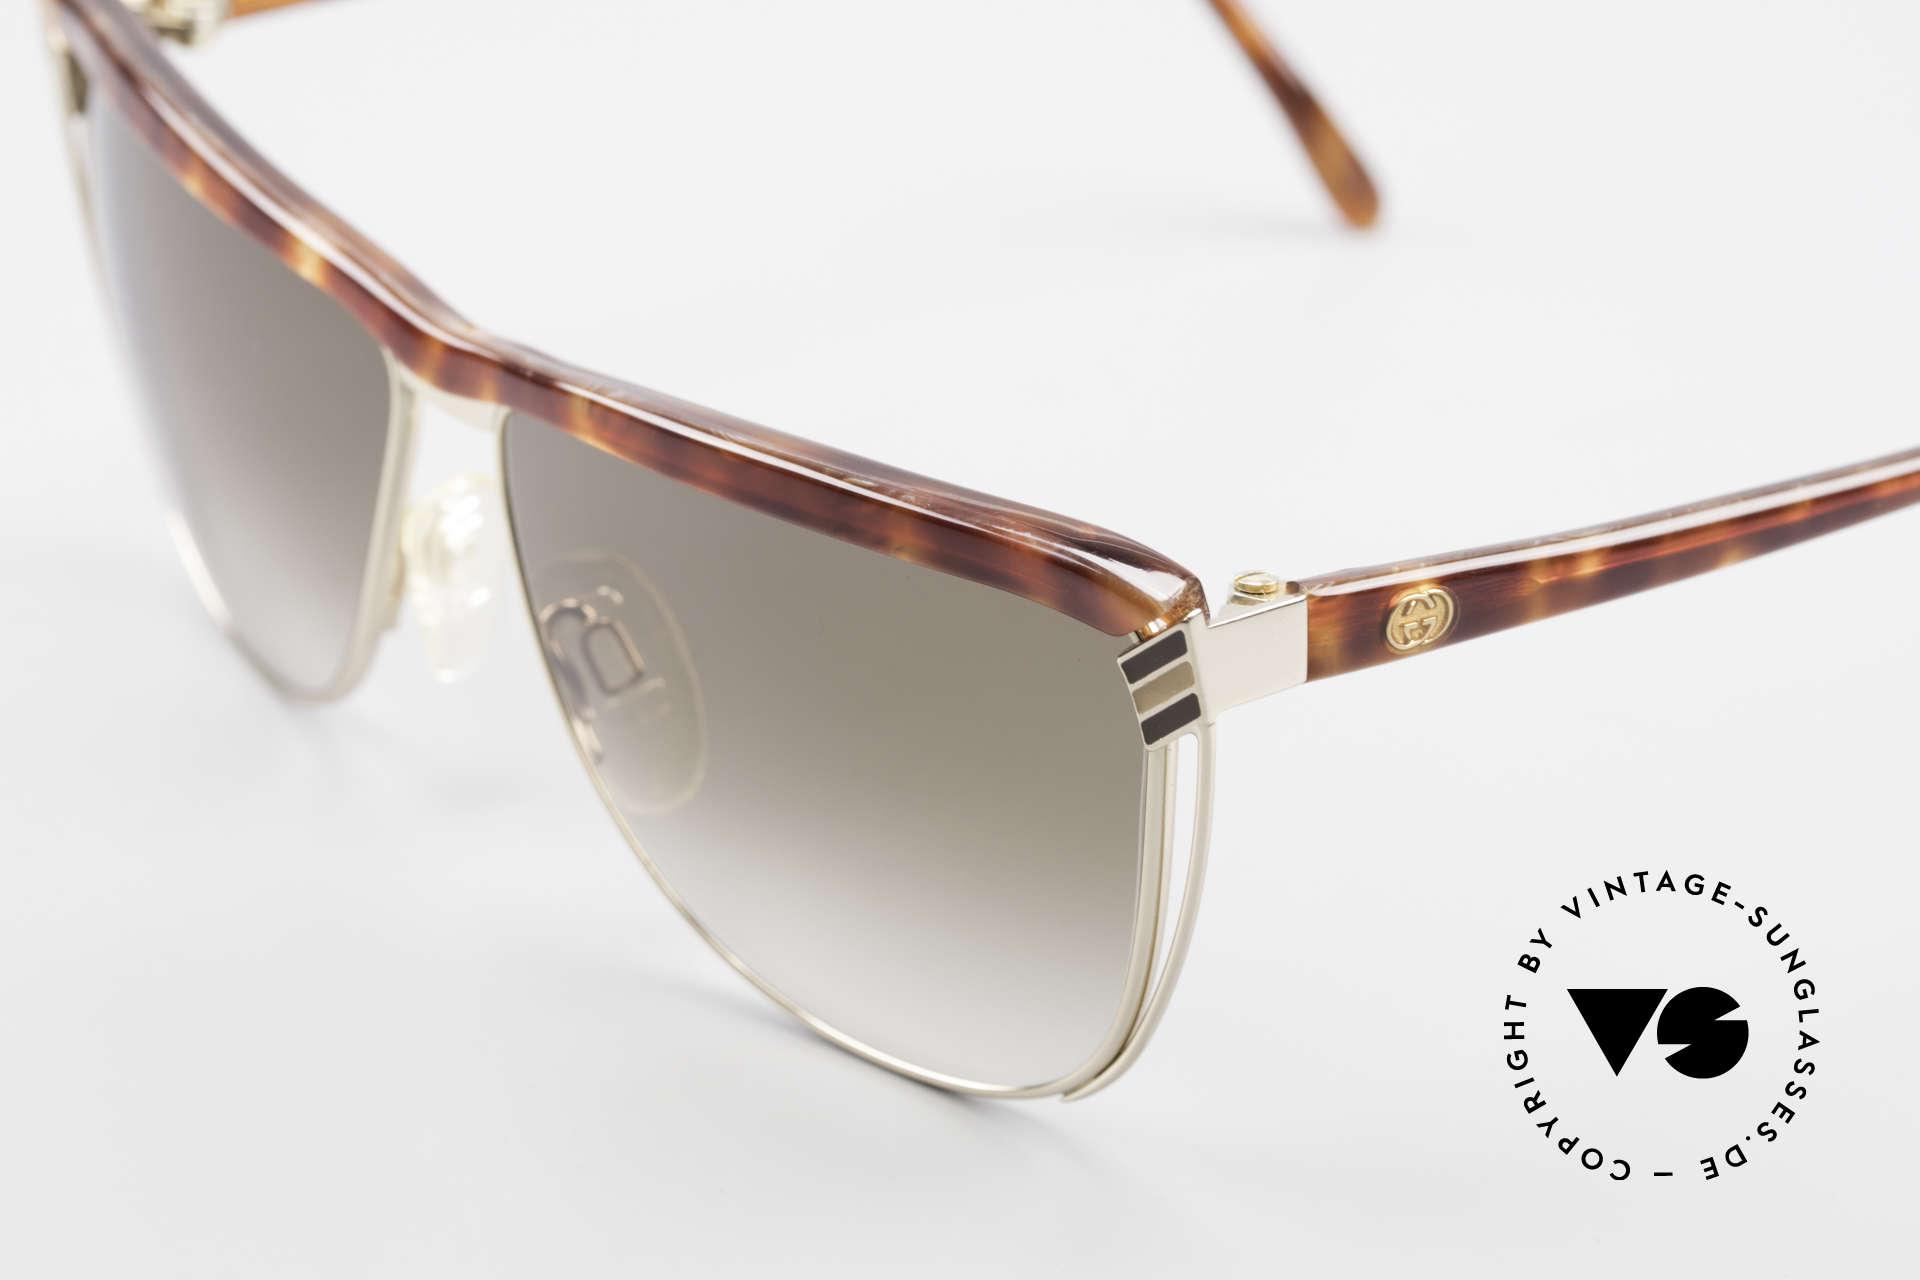 Gucci 2300 Damen Designer Sonnenbrille, ungetragen; wie all unsere alten Gucci Sonnenbrillen, Passend für Damen